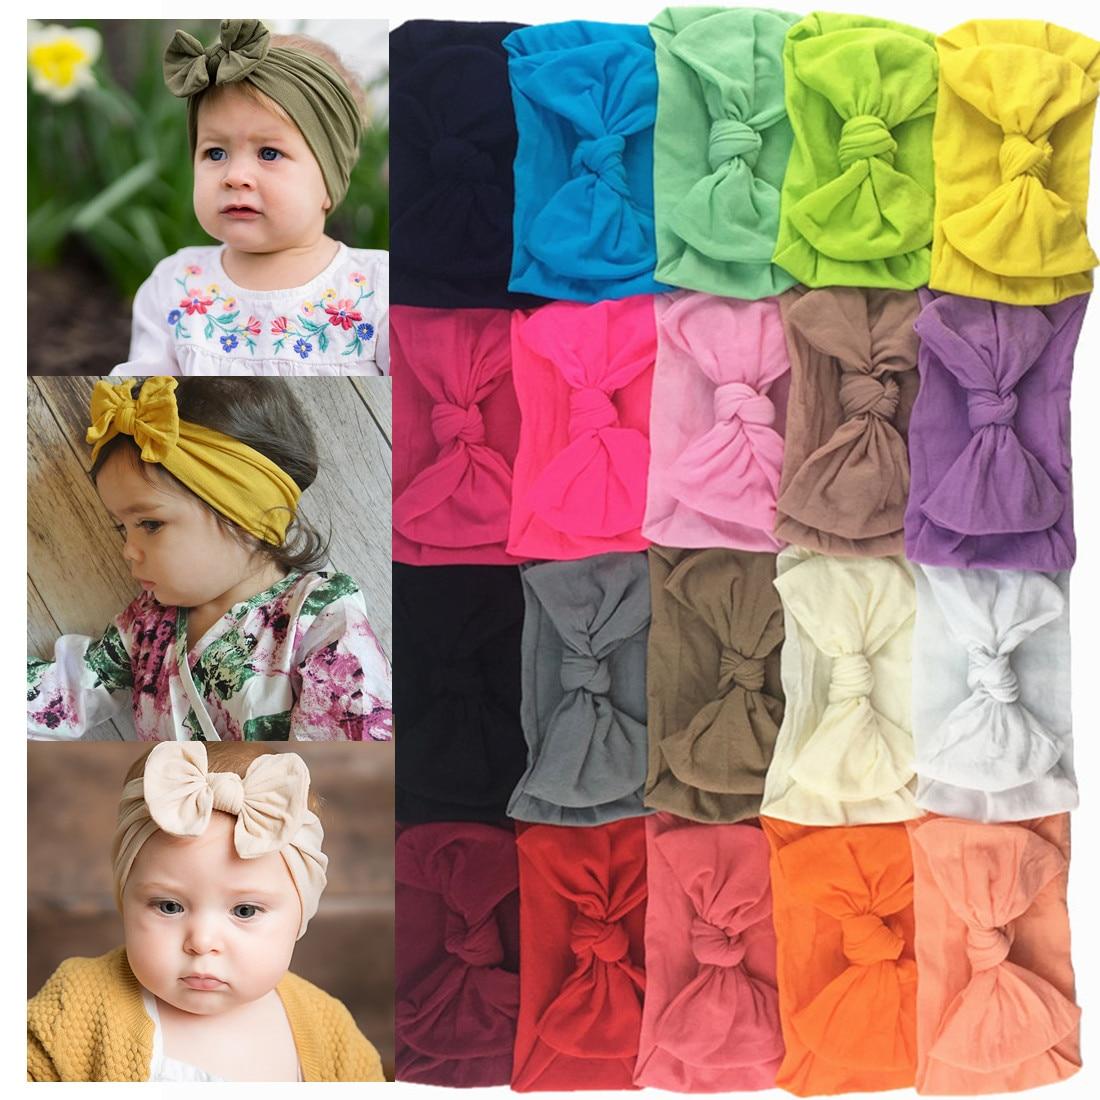 20 adet yeni moda bebek kız şapkalar yumuşak elastik naylon kafa bandı yay düğüm türban bandı uyar 0-32 ay bebek çocuk HB084